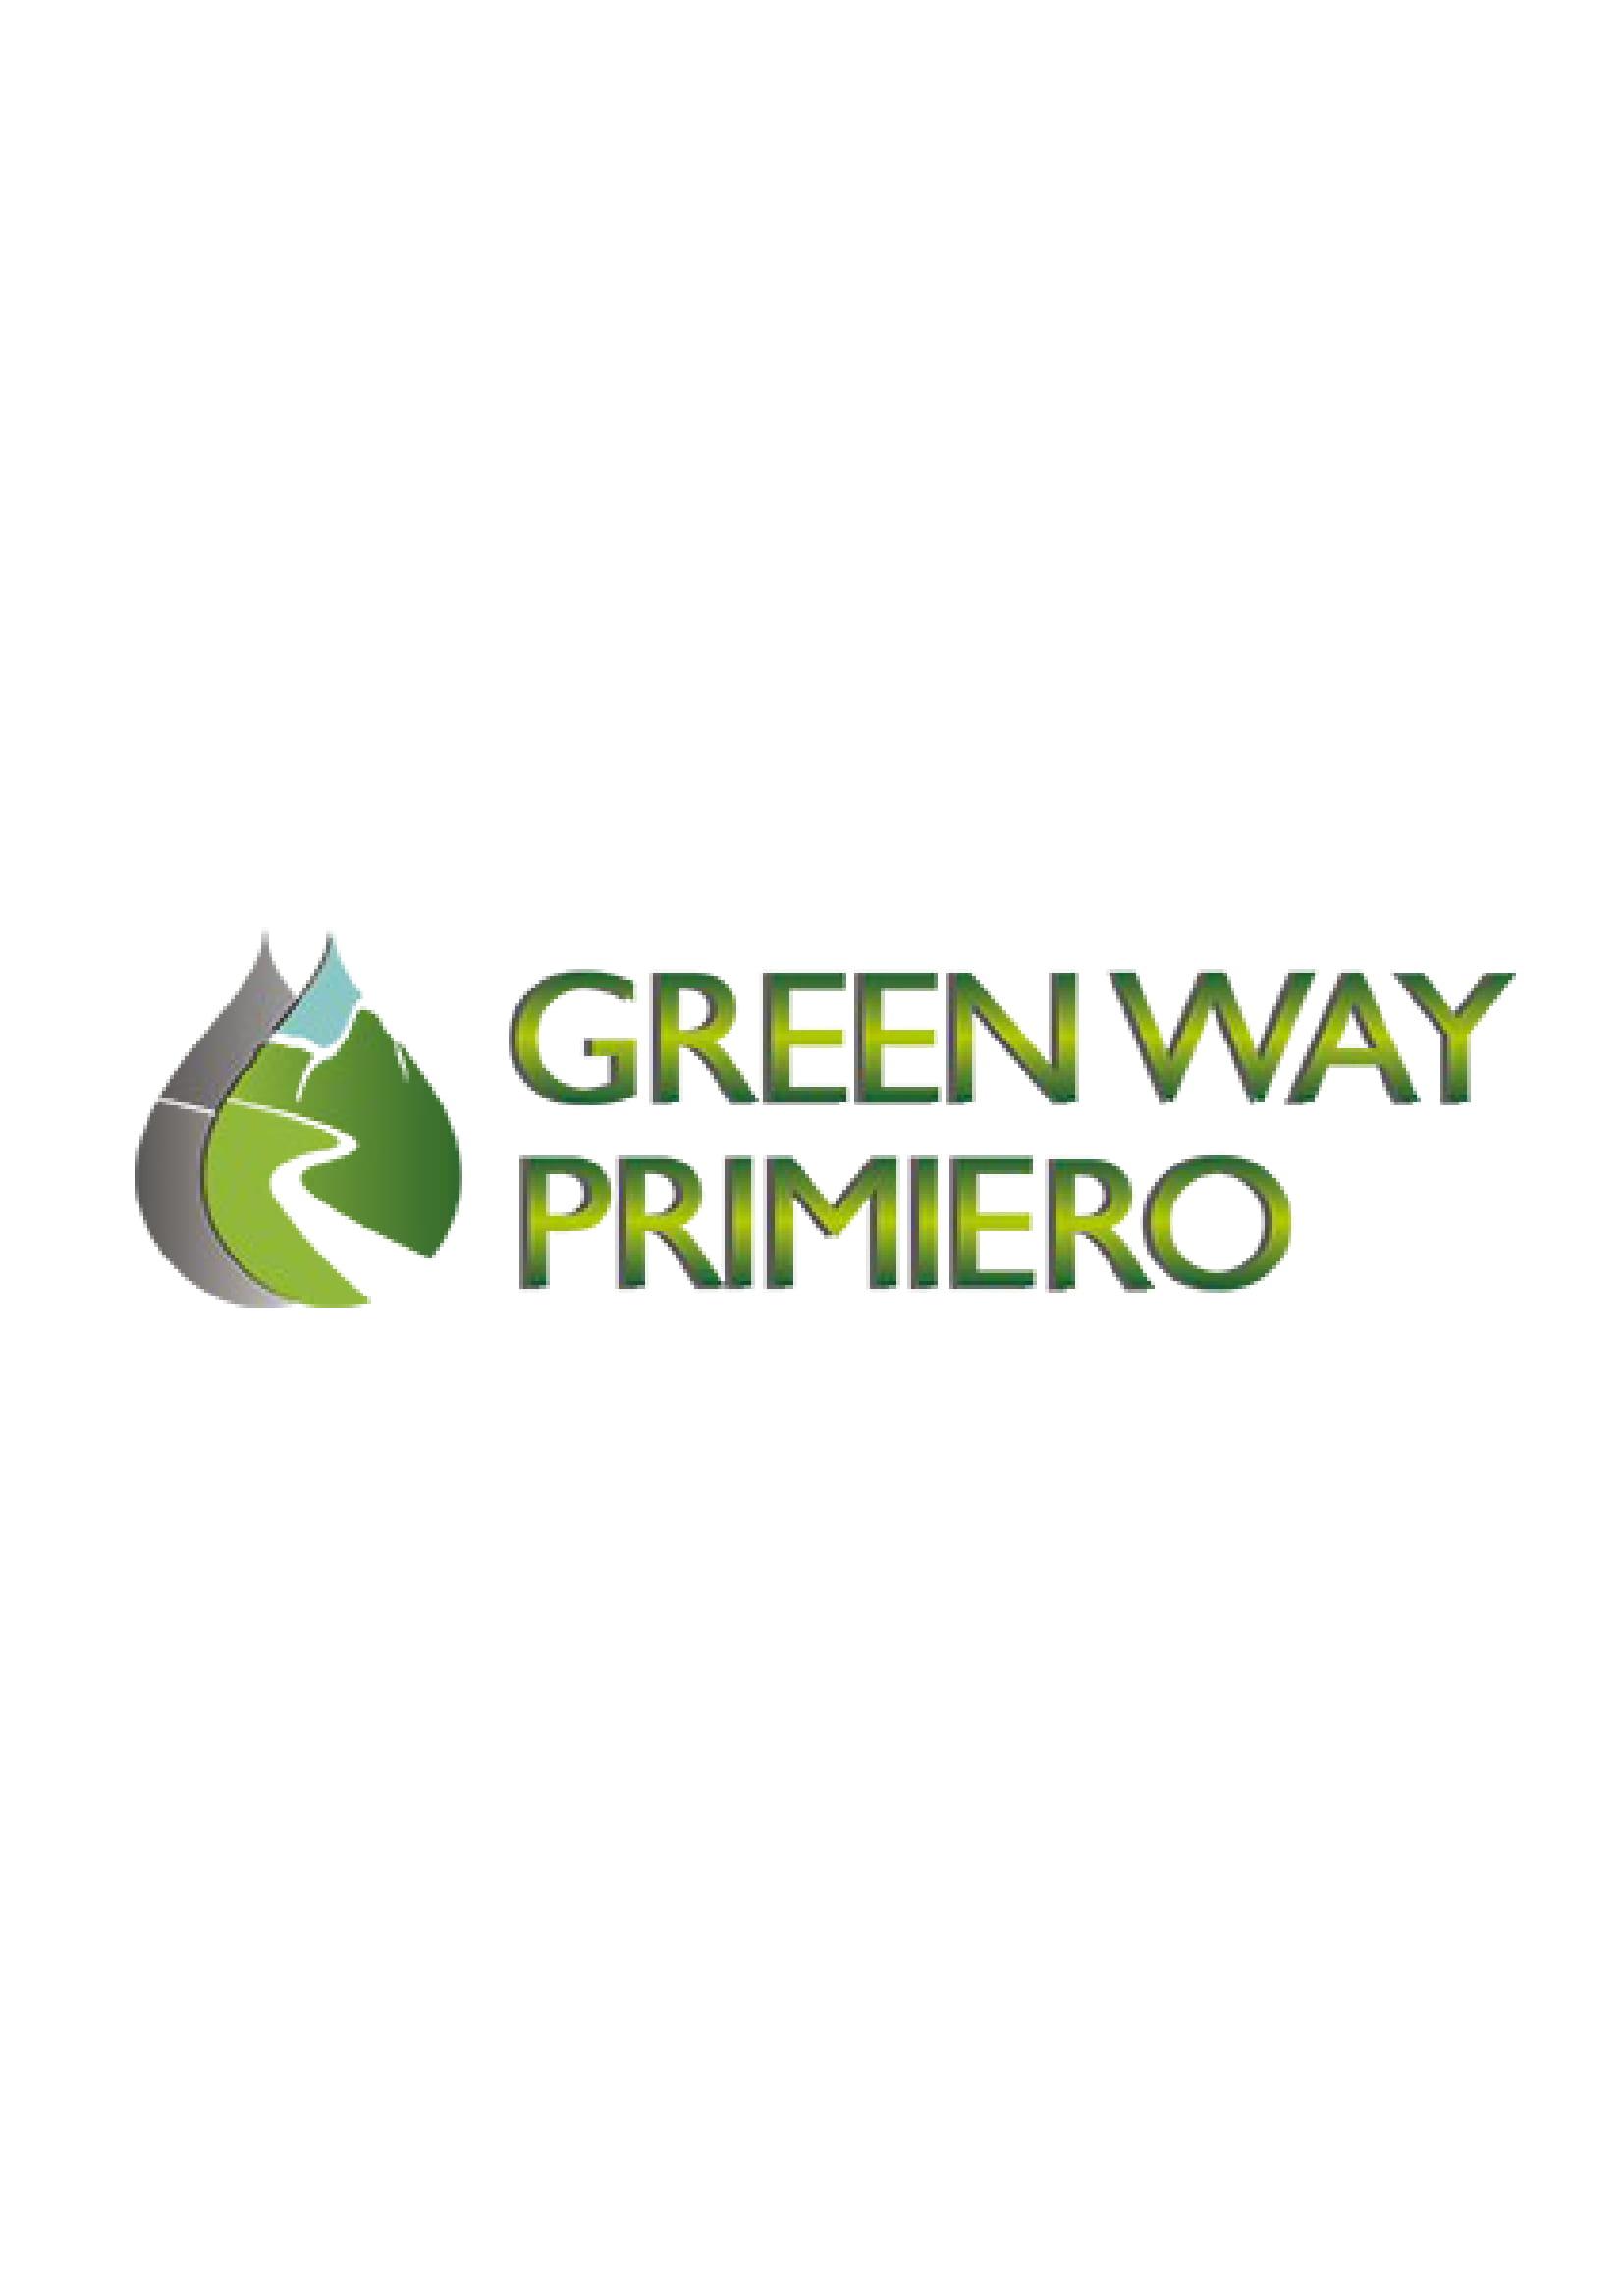 Greenwayprimiero